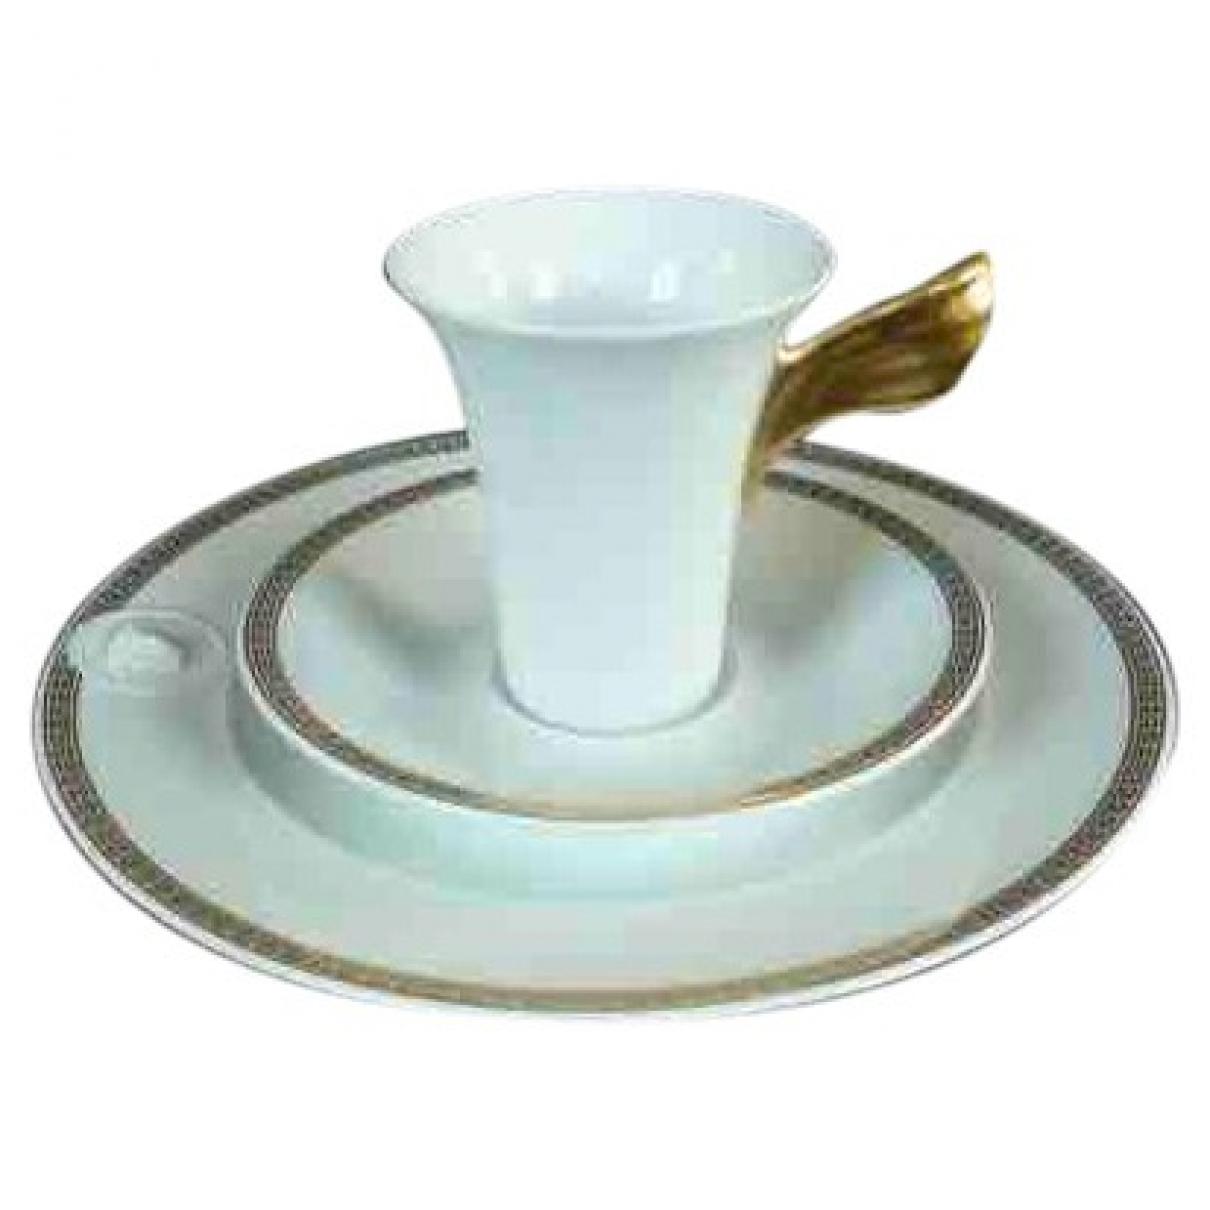 Versace - Arts de la table   pour lifestyle en porcelaine - blanc